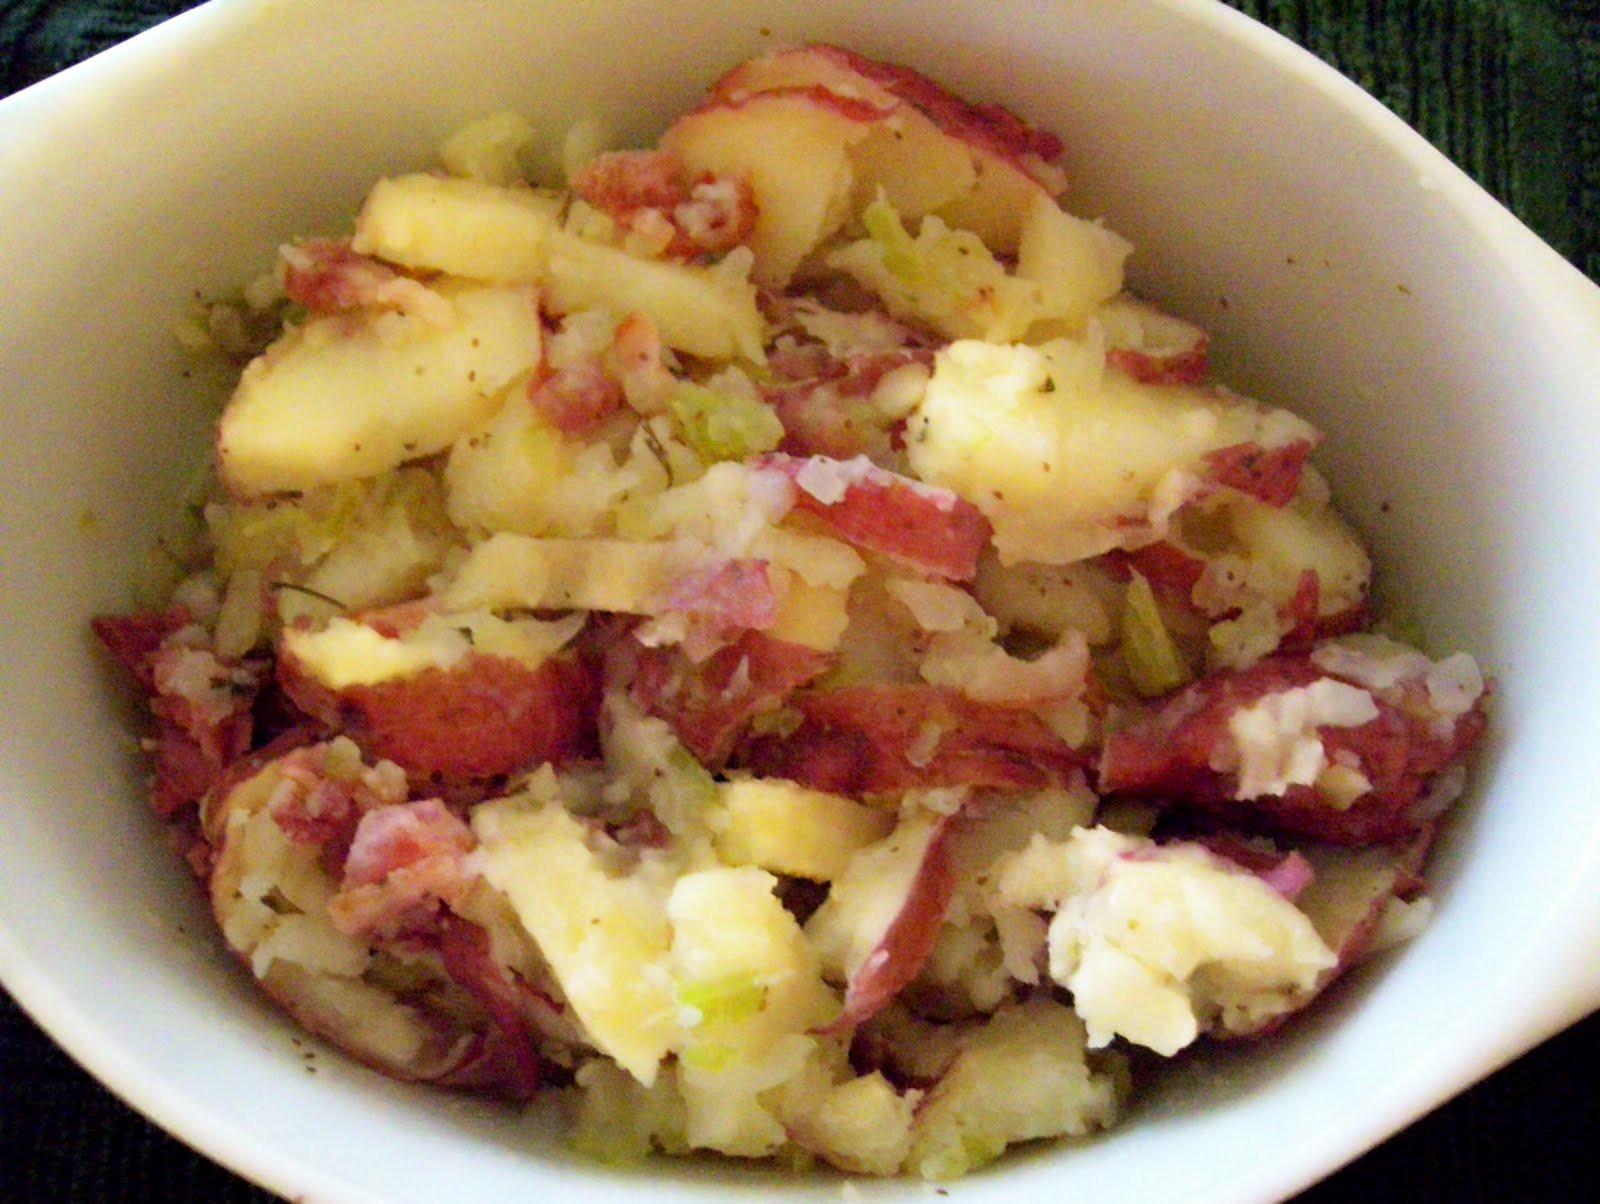 Hot German Potato Salad  Food Memories 97 Hot German Potato Salad Microwave G